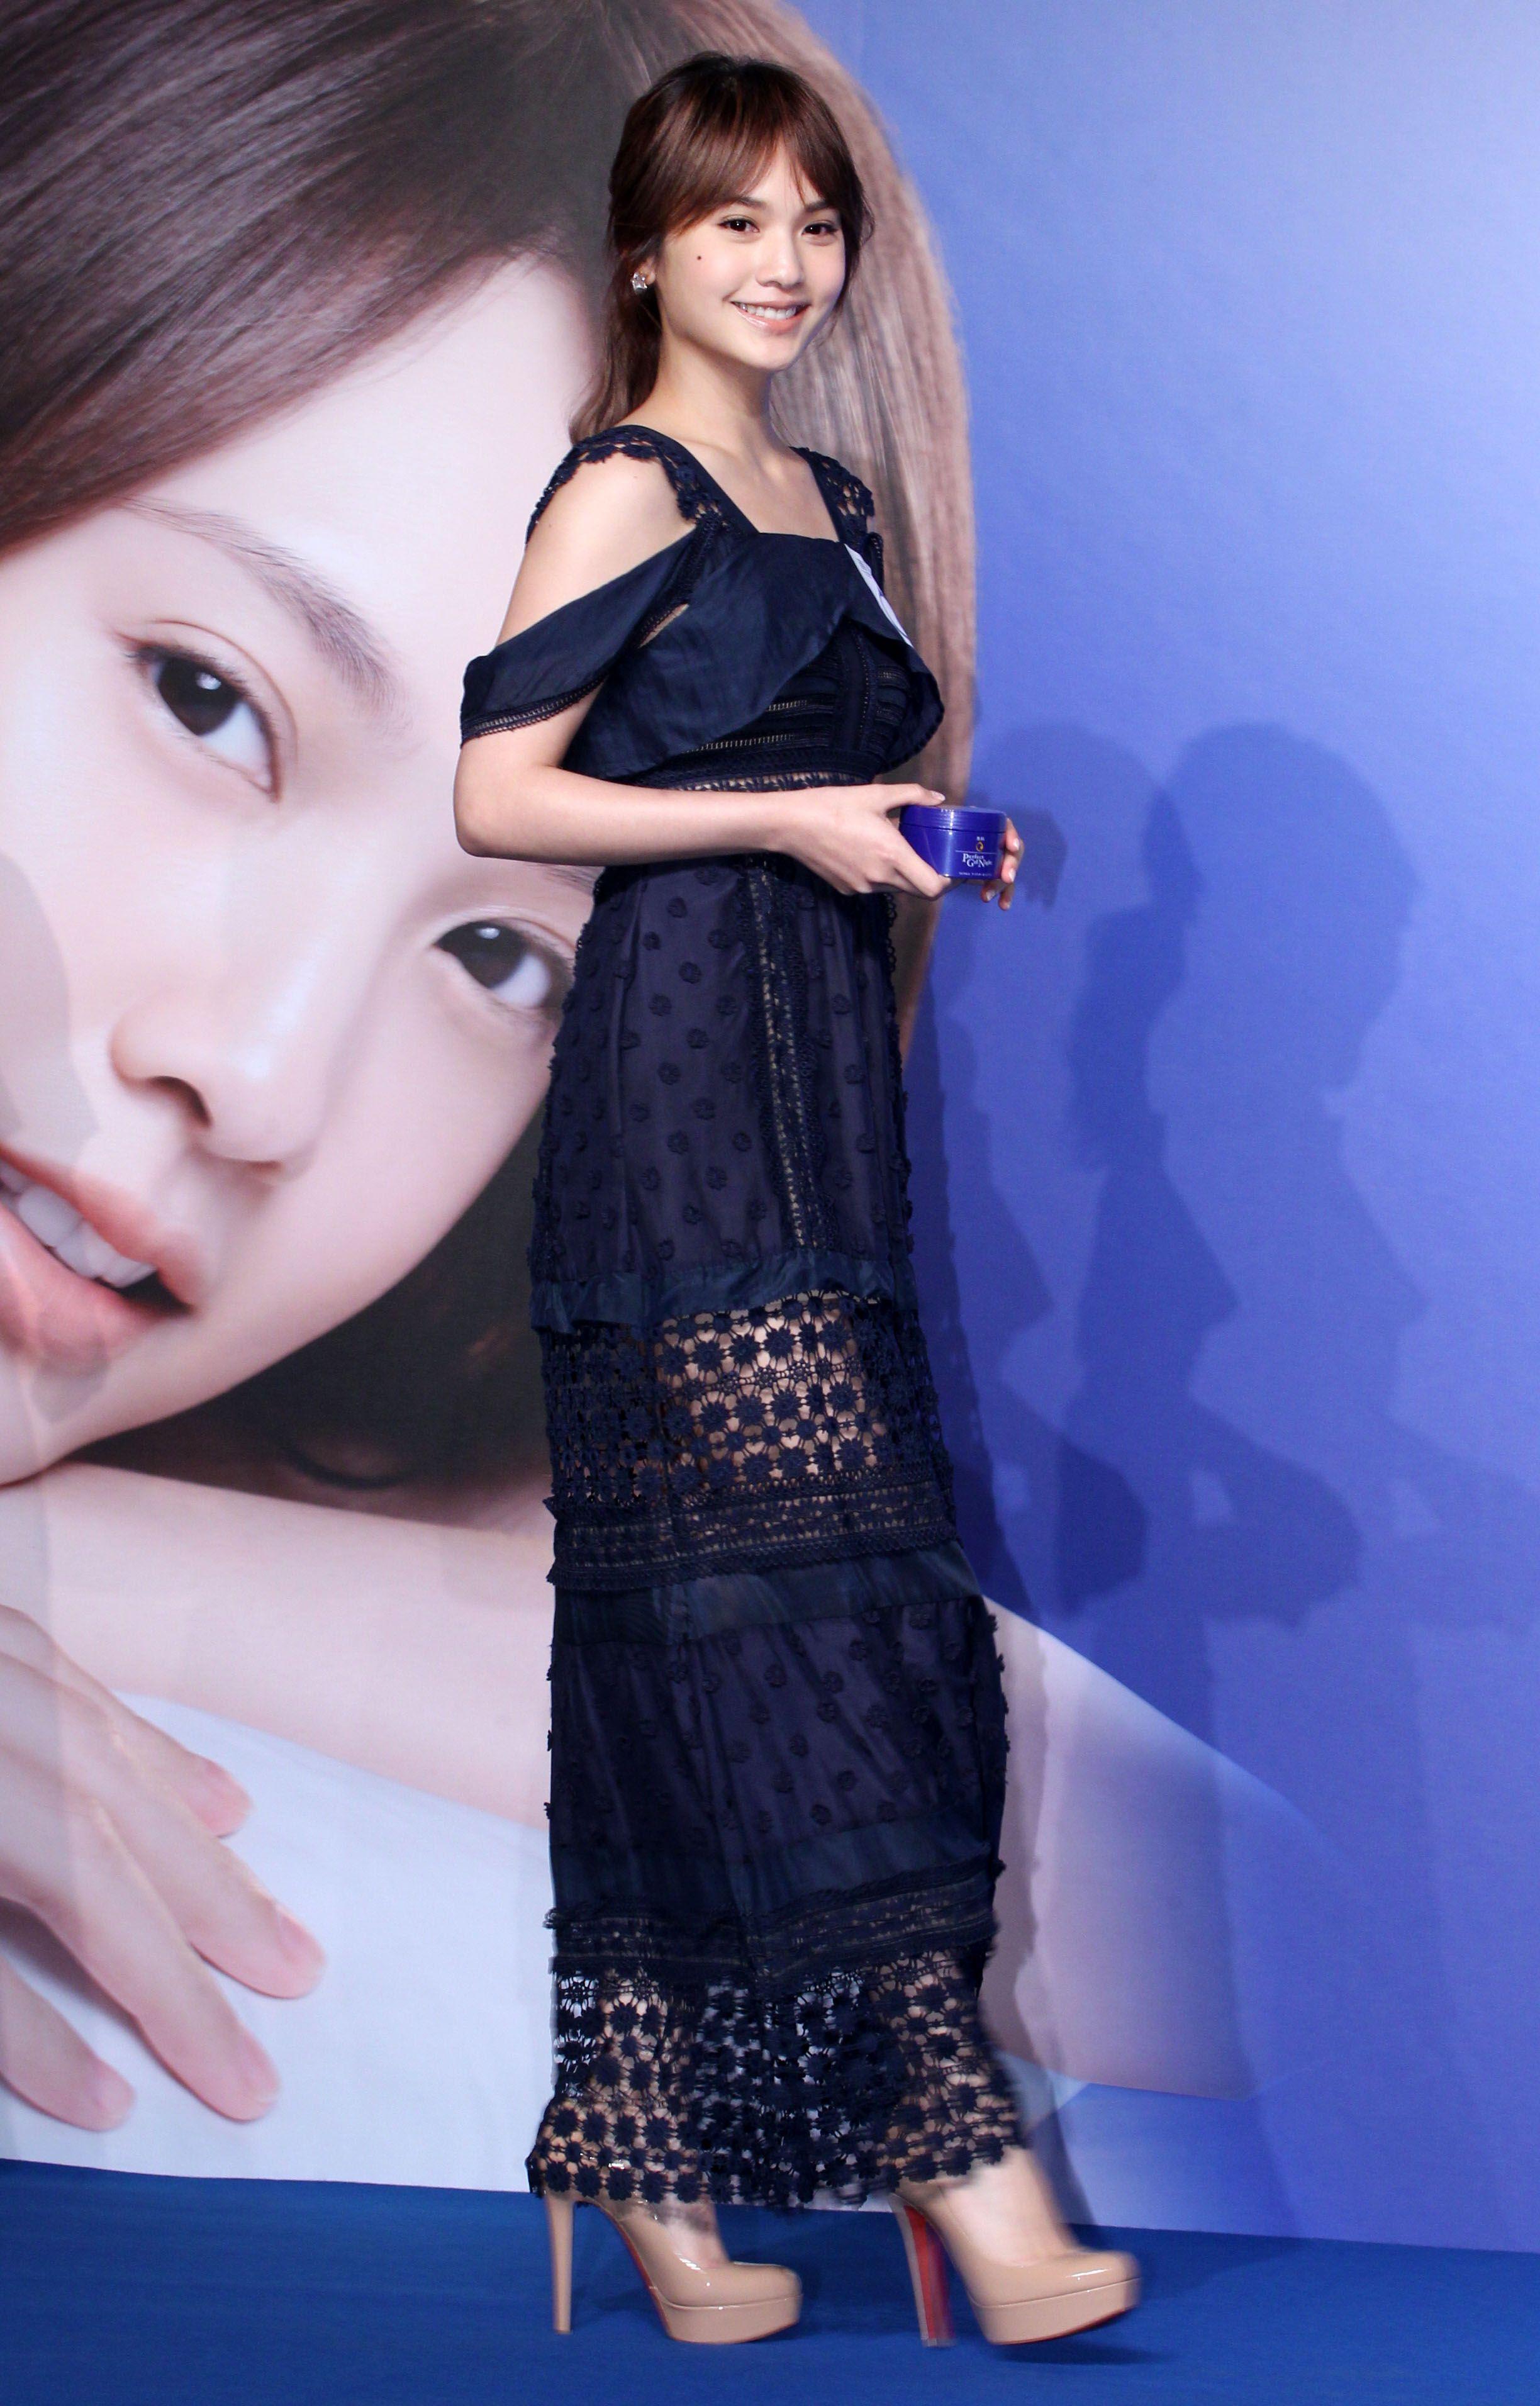 楊丞琳公開肌膚保養的秘訣。(記者邱榮吉/攝影)